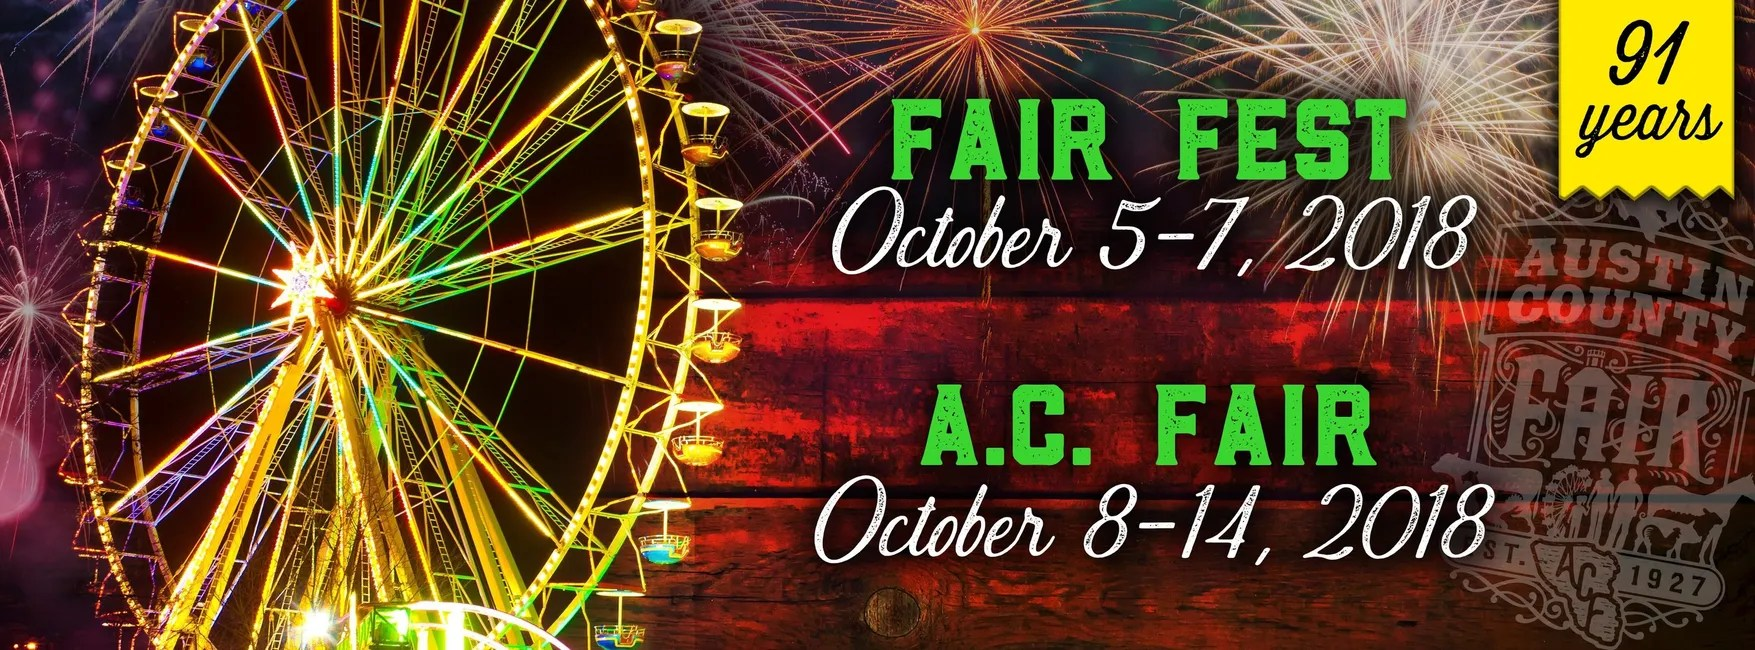 Austin County Fair Fair Event Center